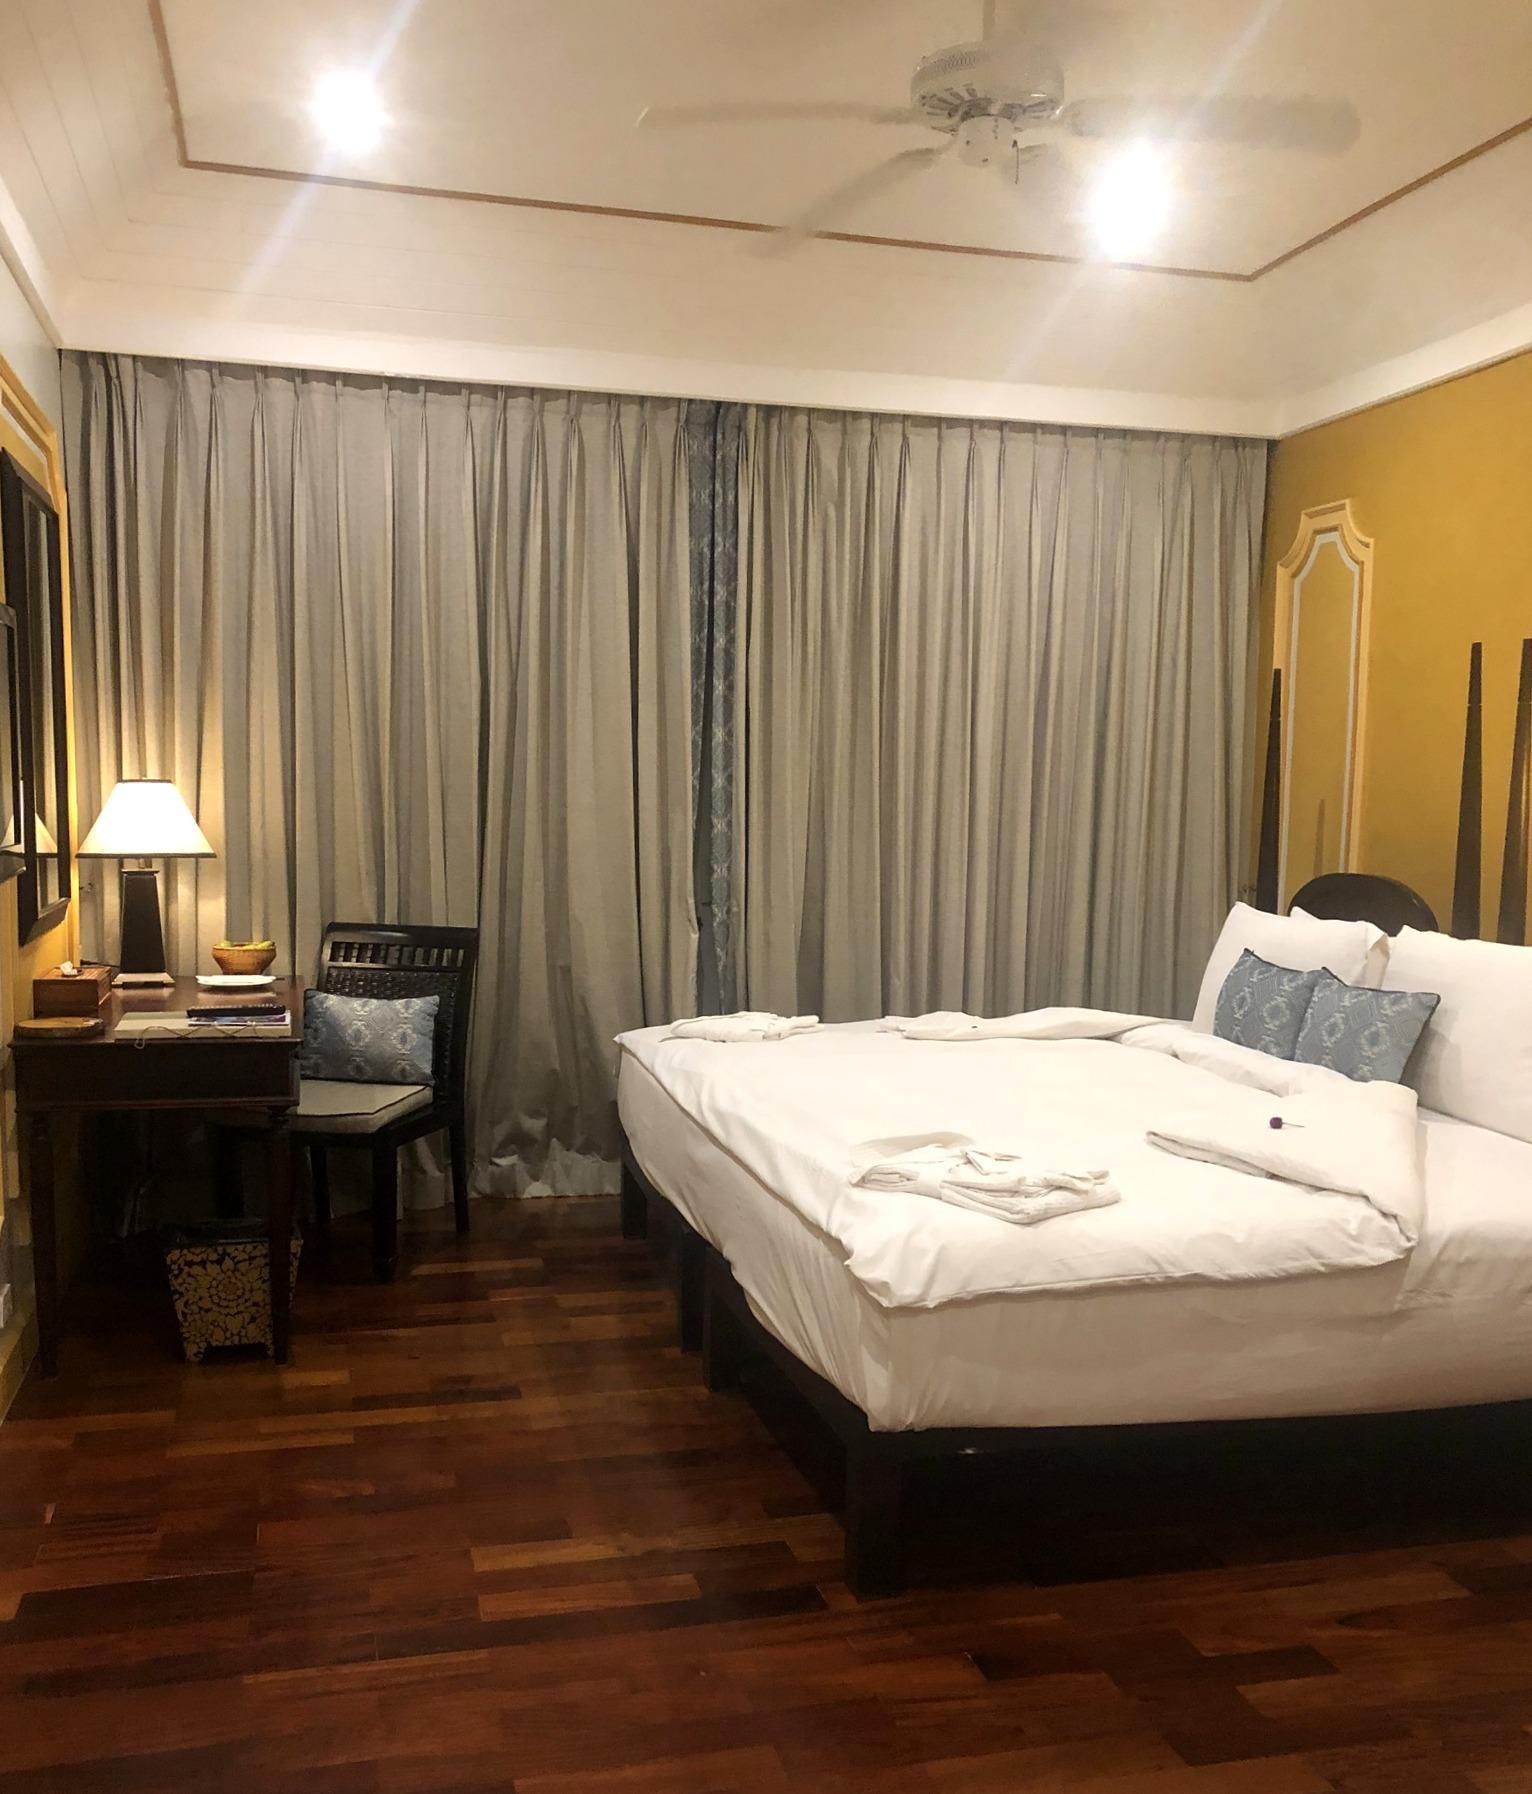 ラオスの旅 25  ルアンパバーンのホテル The Grand Luang Prabang_a0092659_20162332.jpg